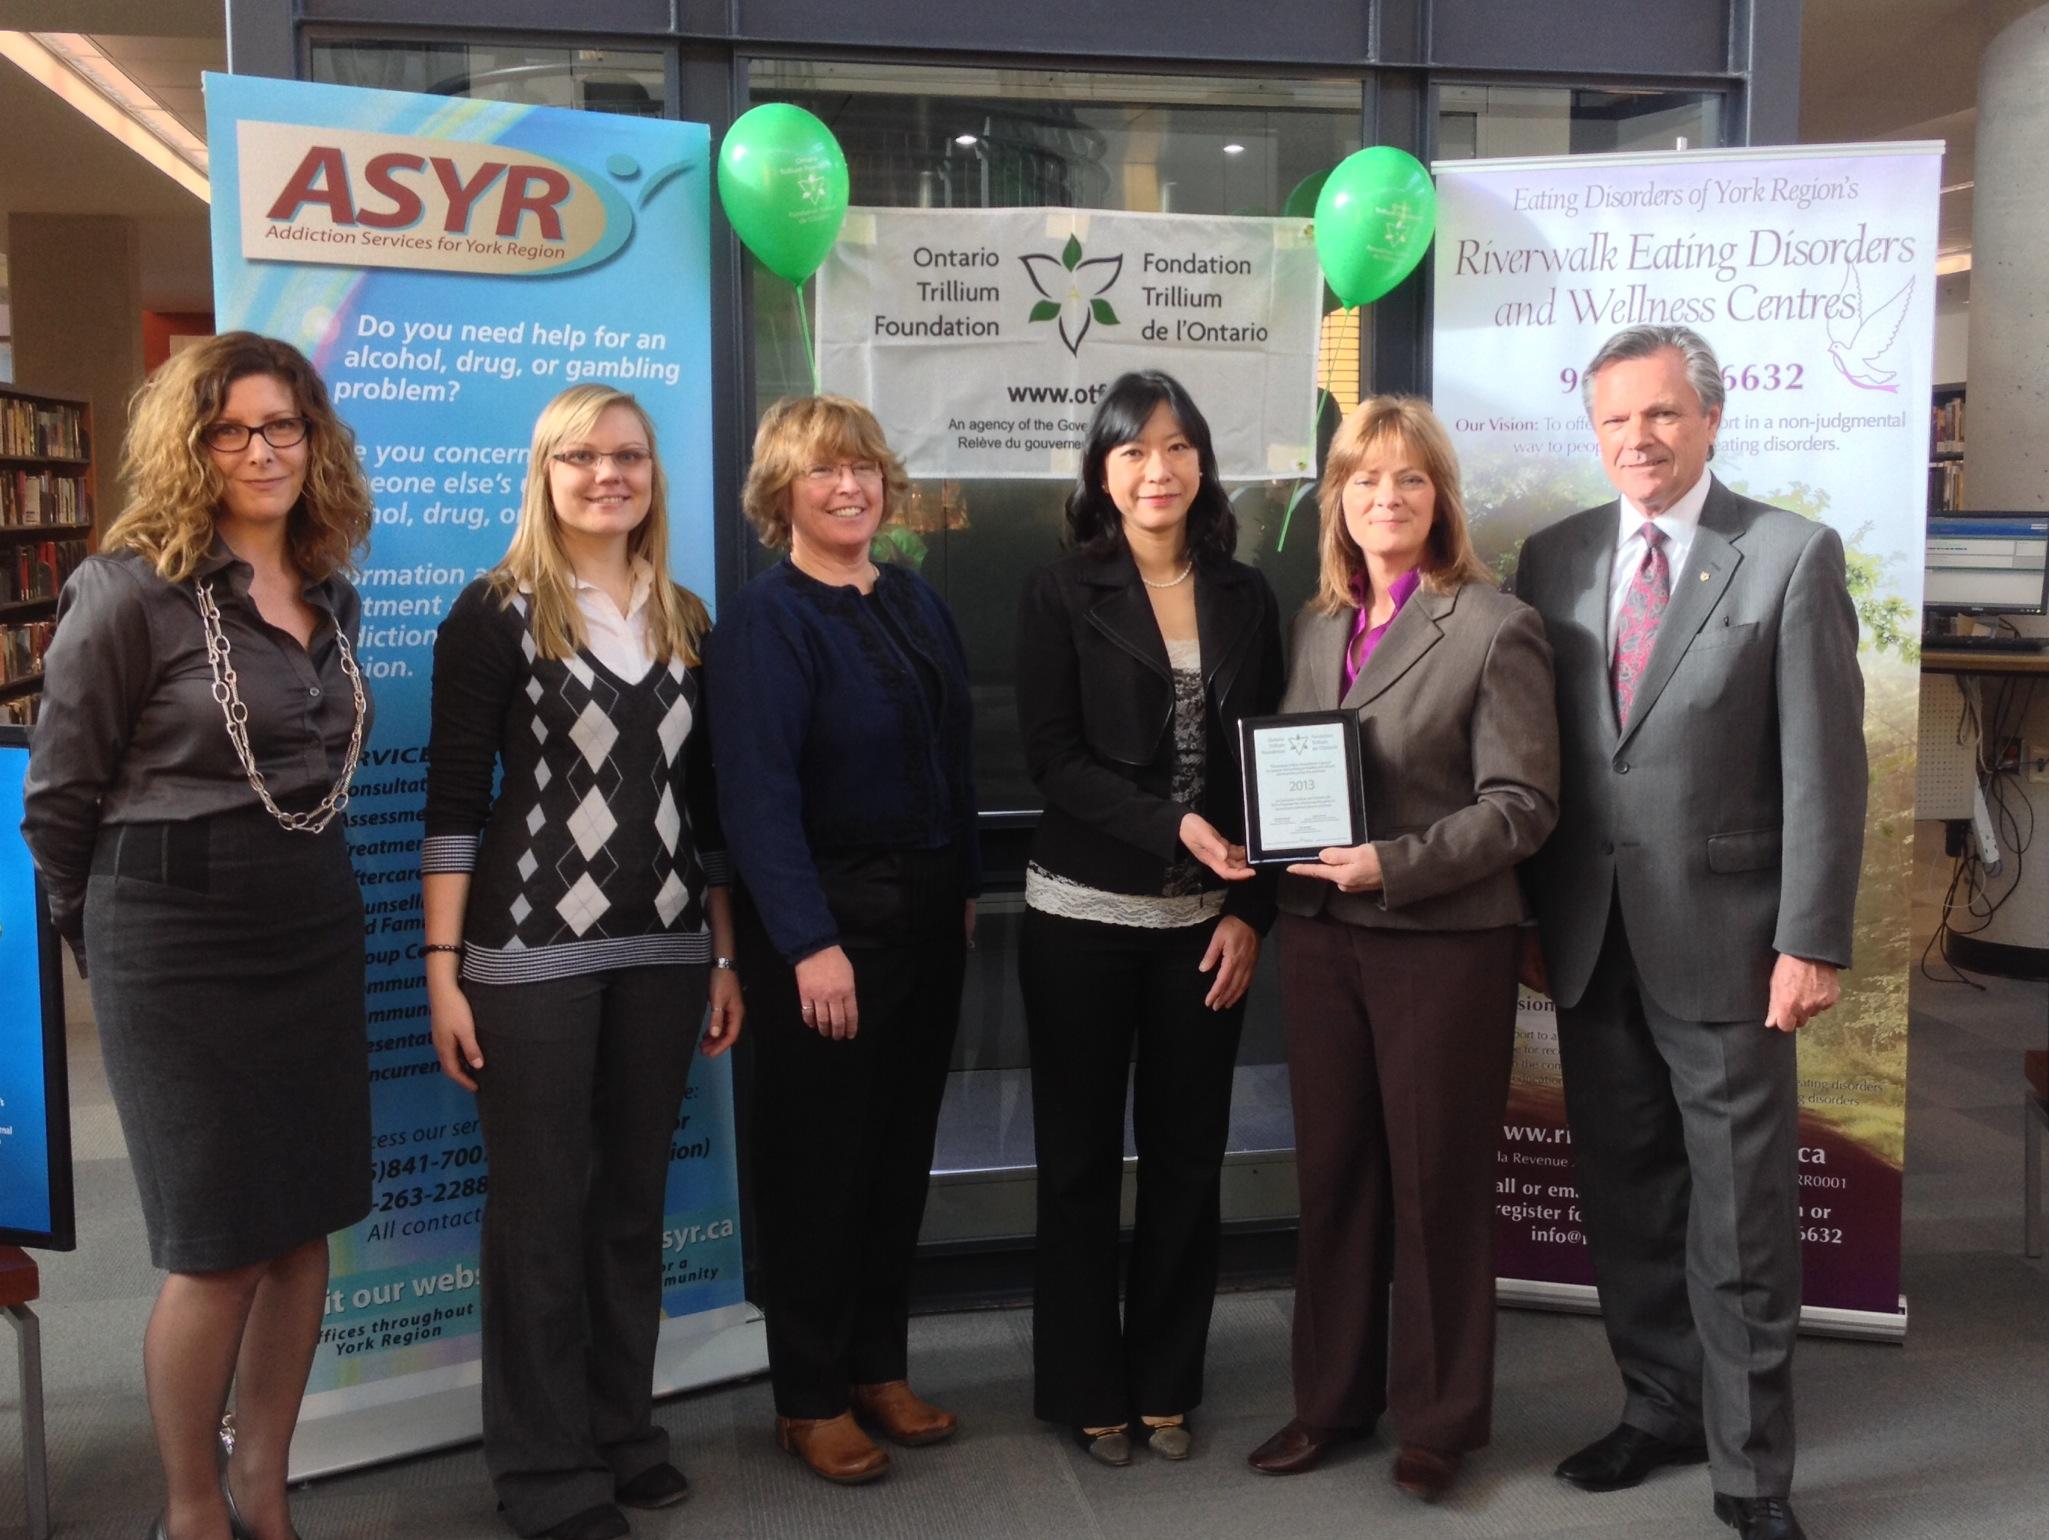 Ontario Trillium Foundation awards $240,100 grant